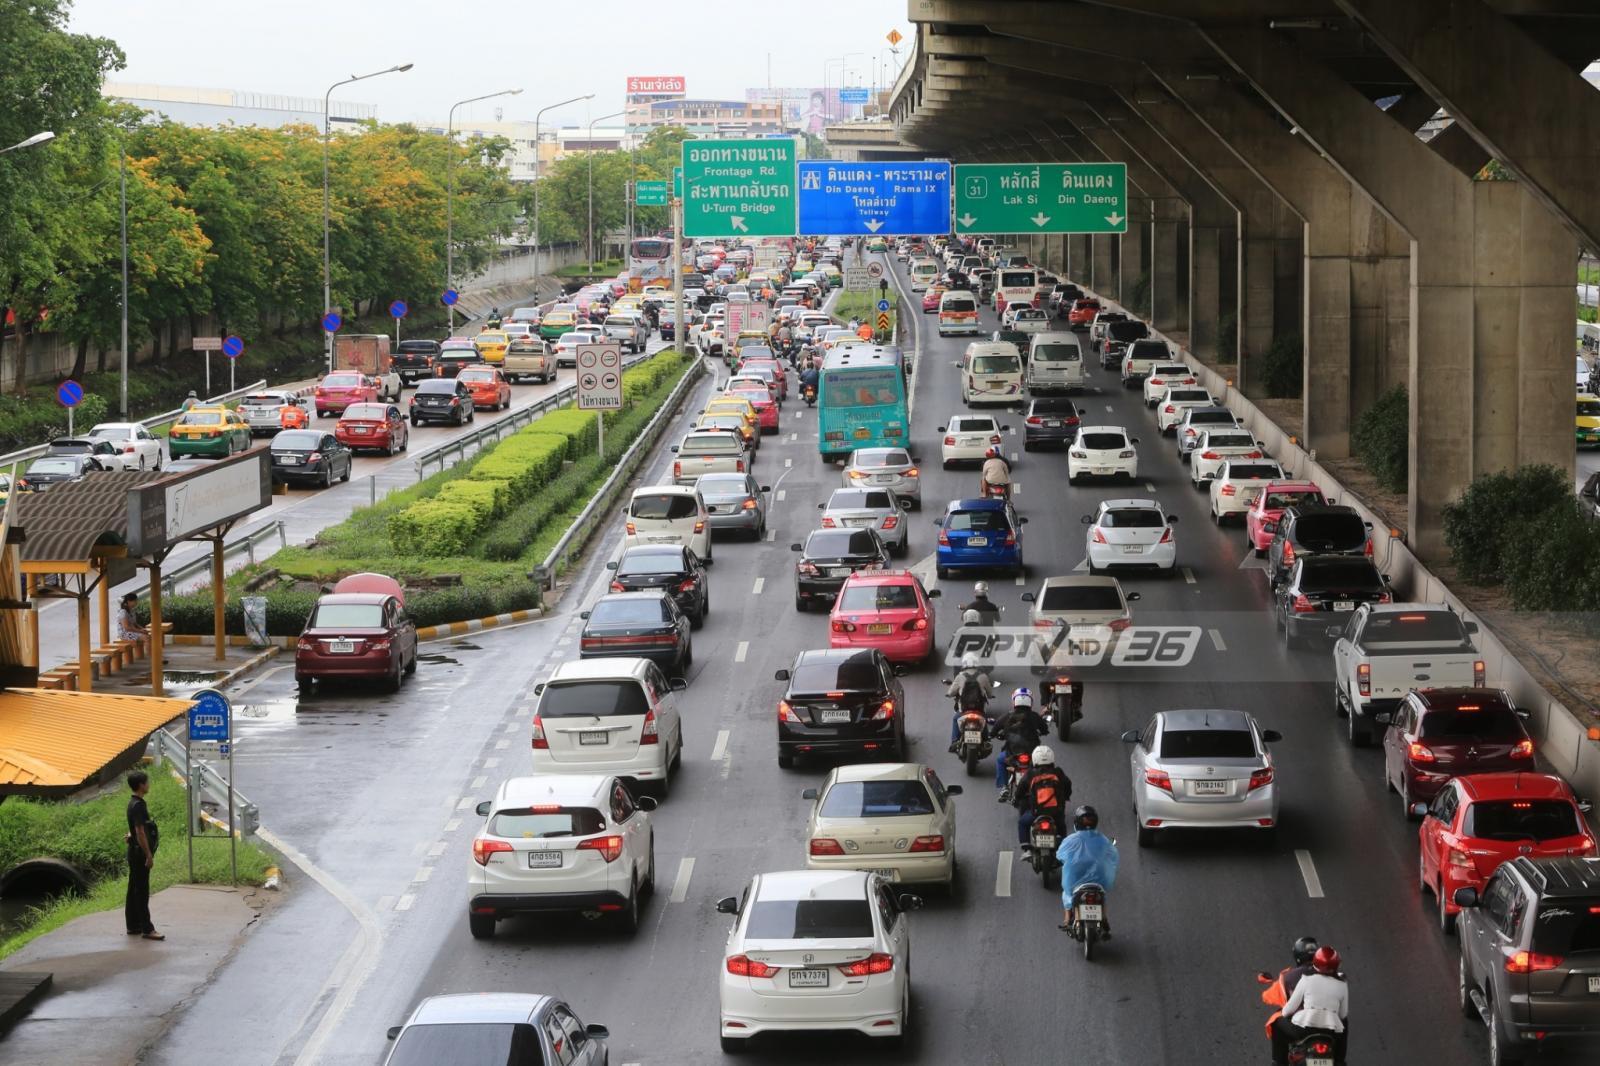 ถนนไทยครองแชมป์อันตรายที่สุดในโลก